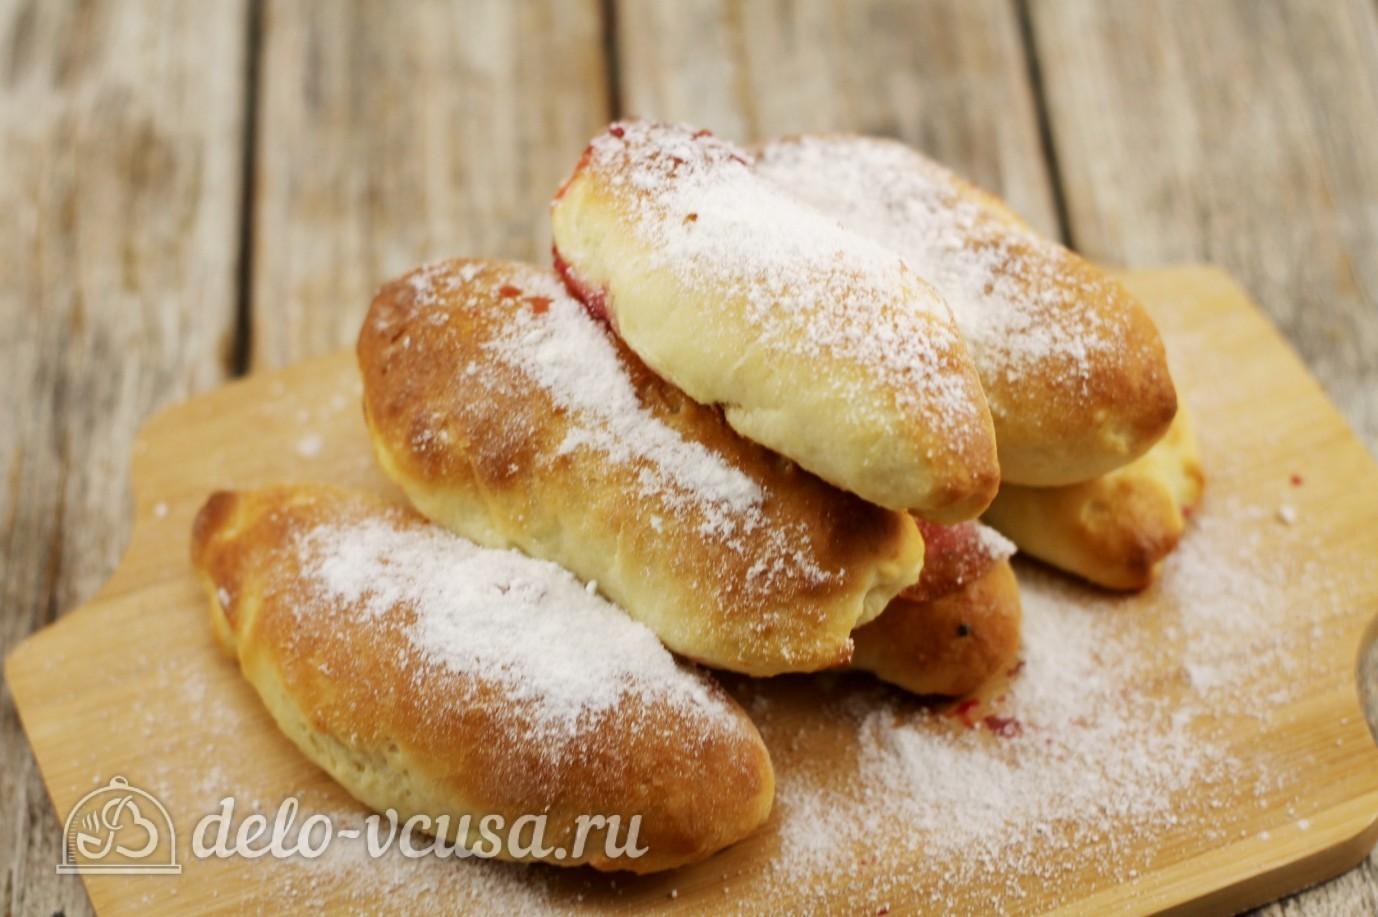 пирожки со смородиной в духовке рецепт с фото